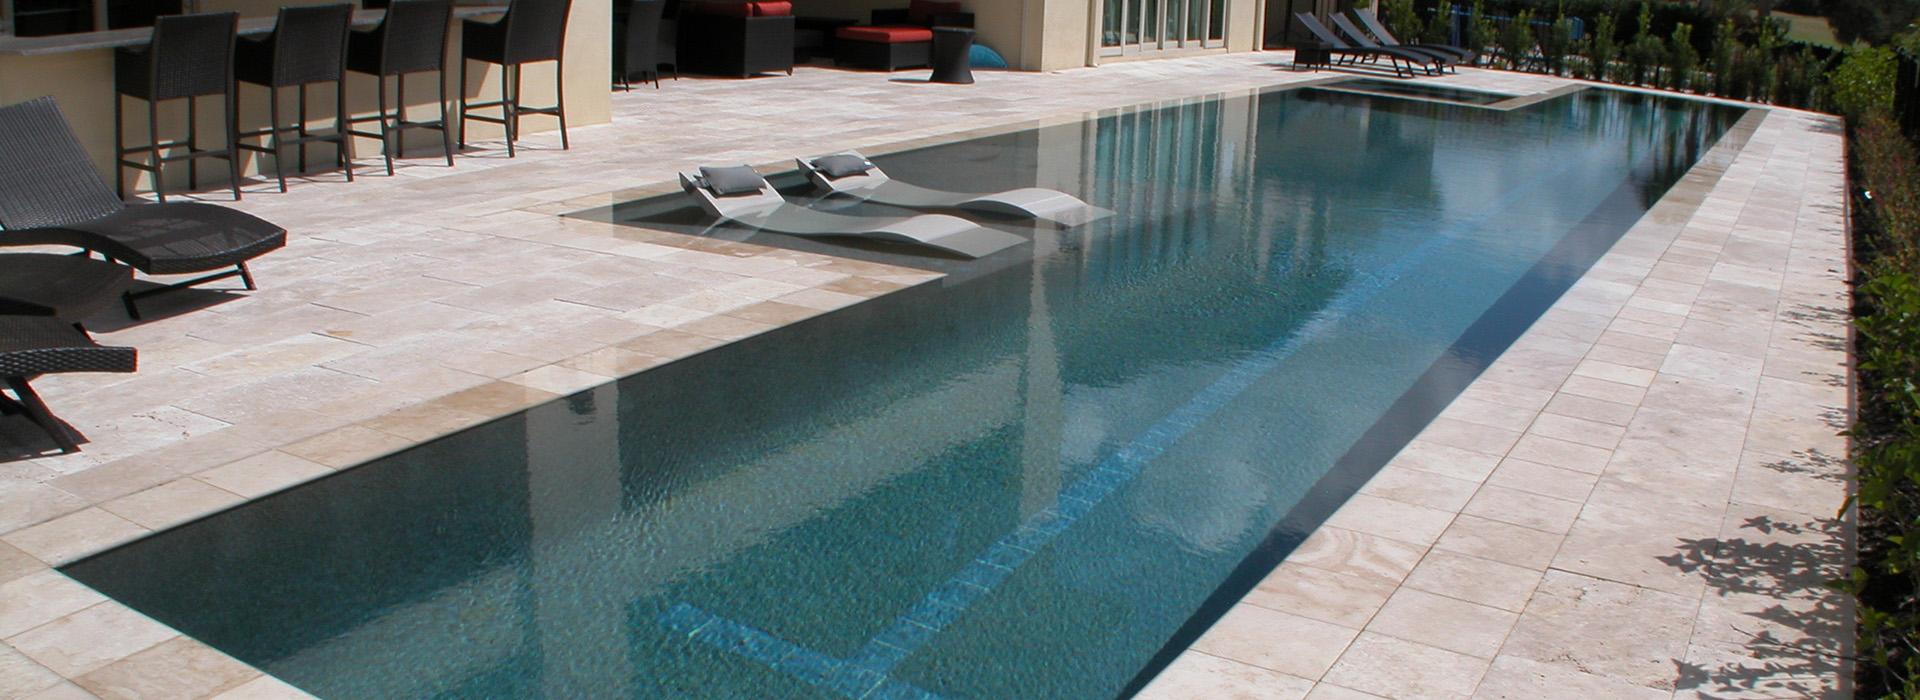 Elegant Pool Area